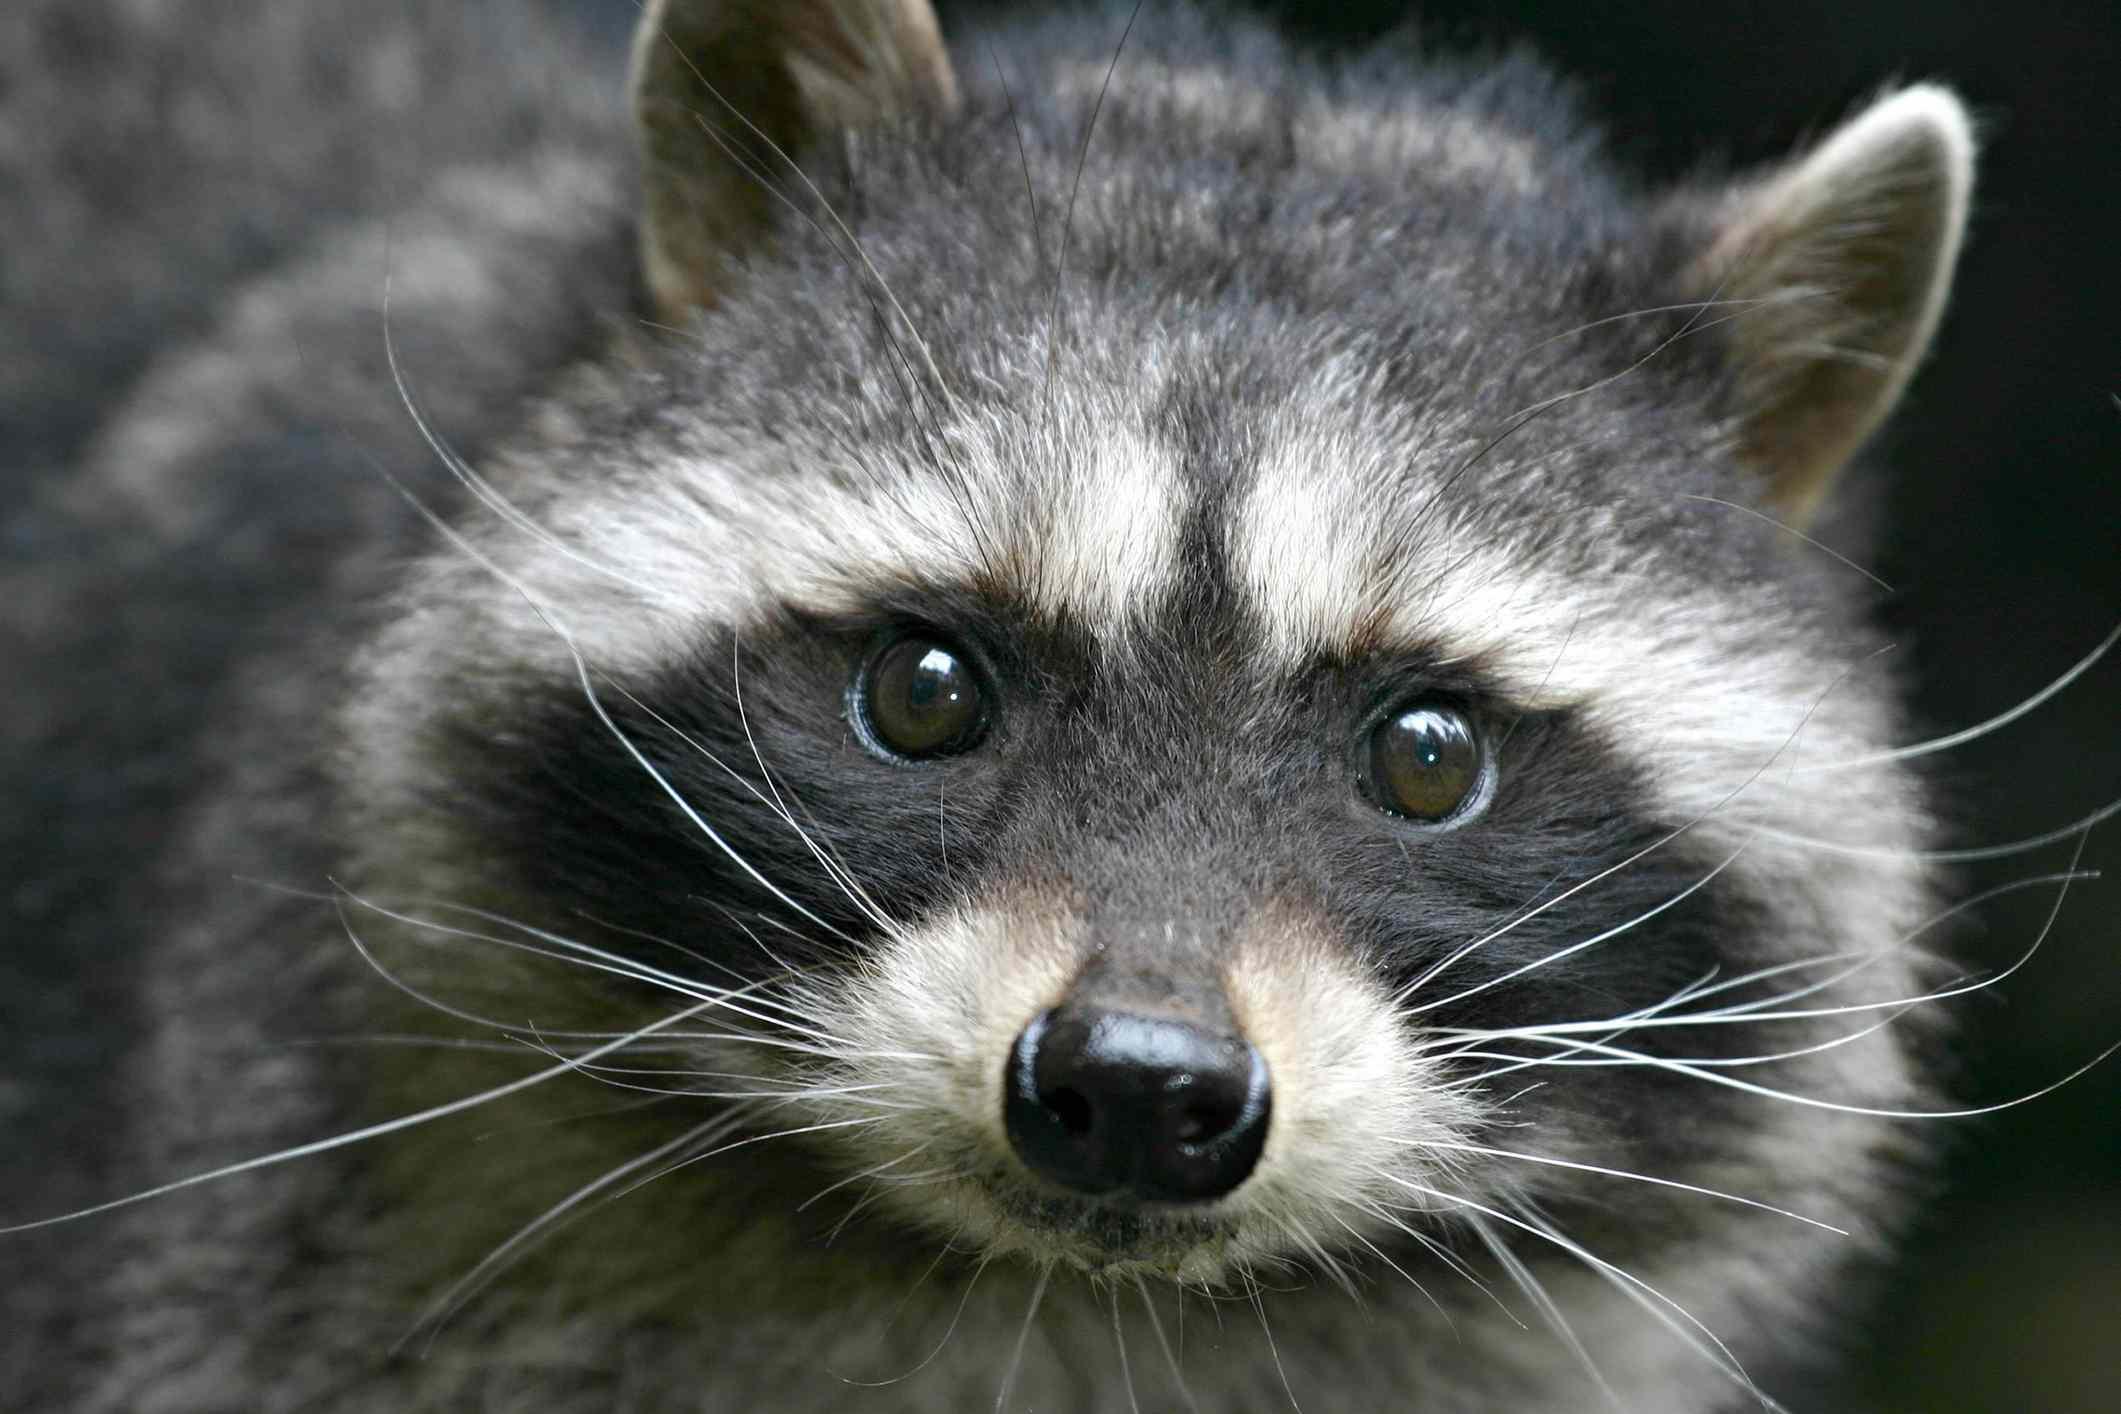 Raccoon looking directly ahead.